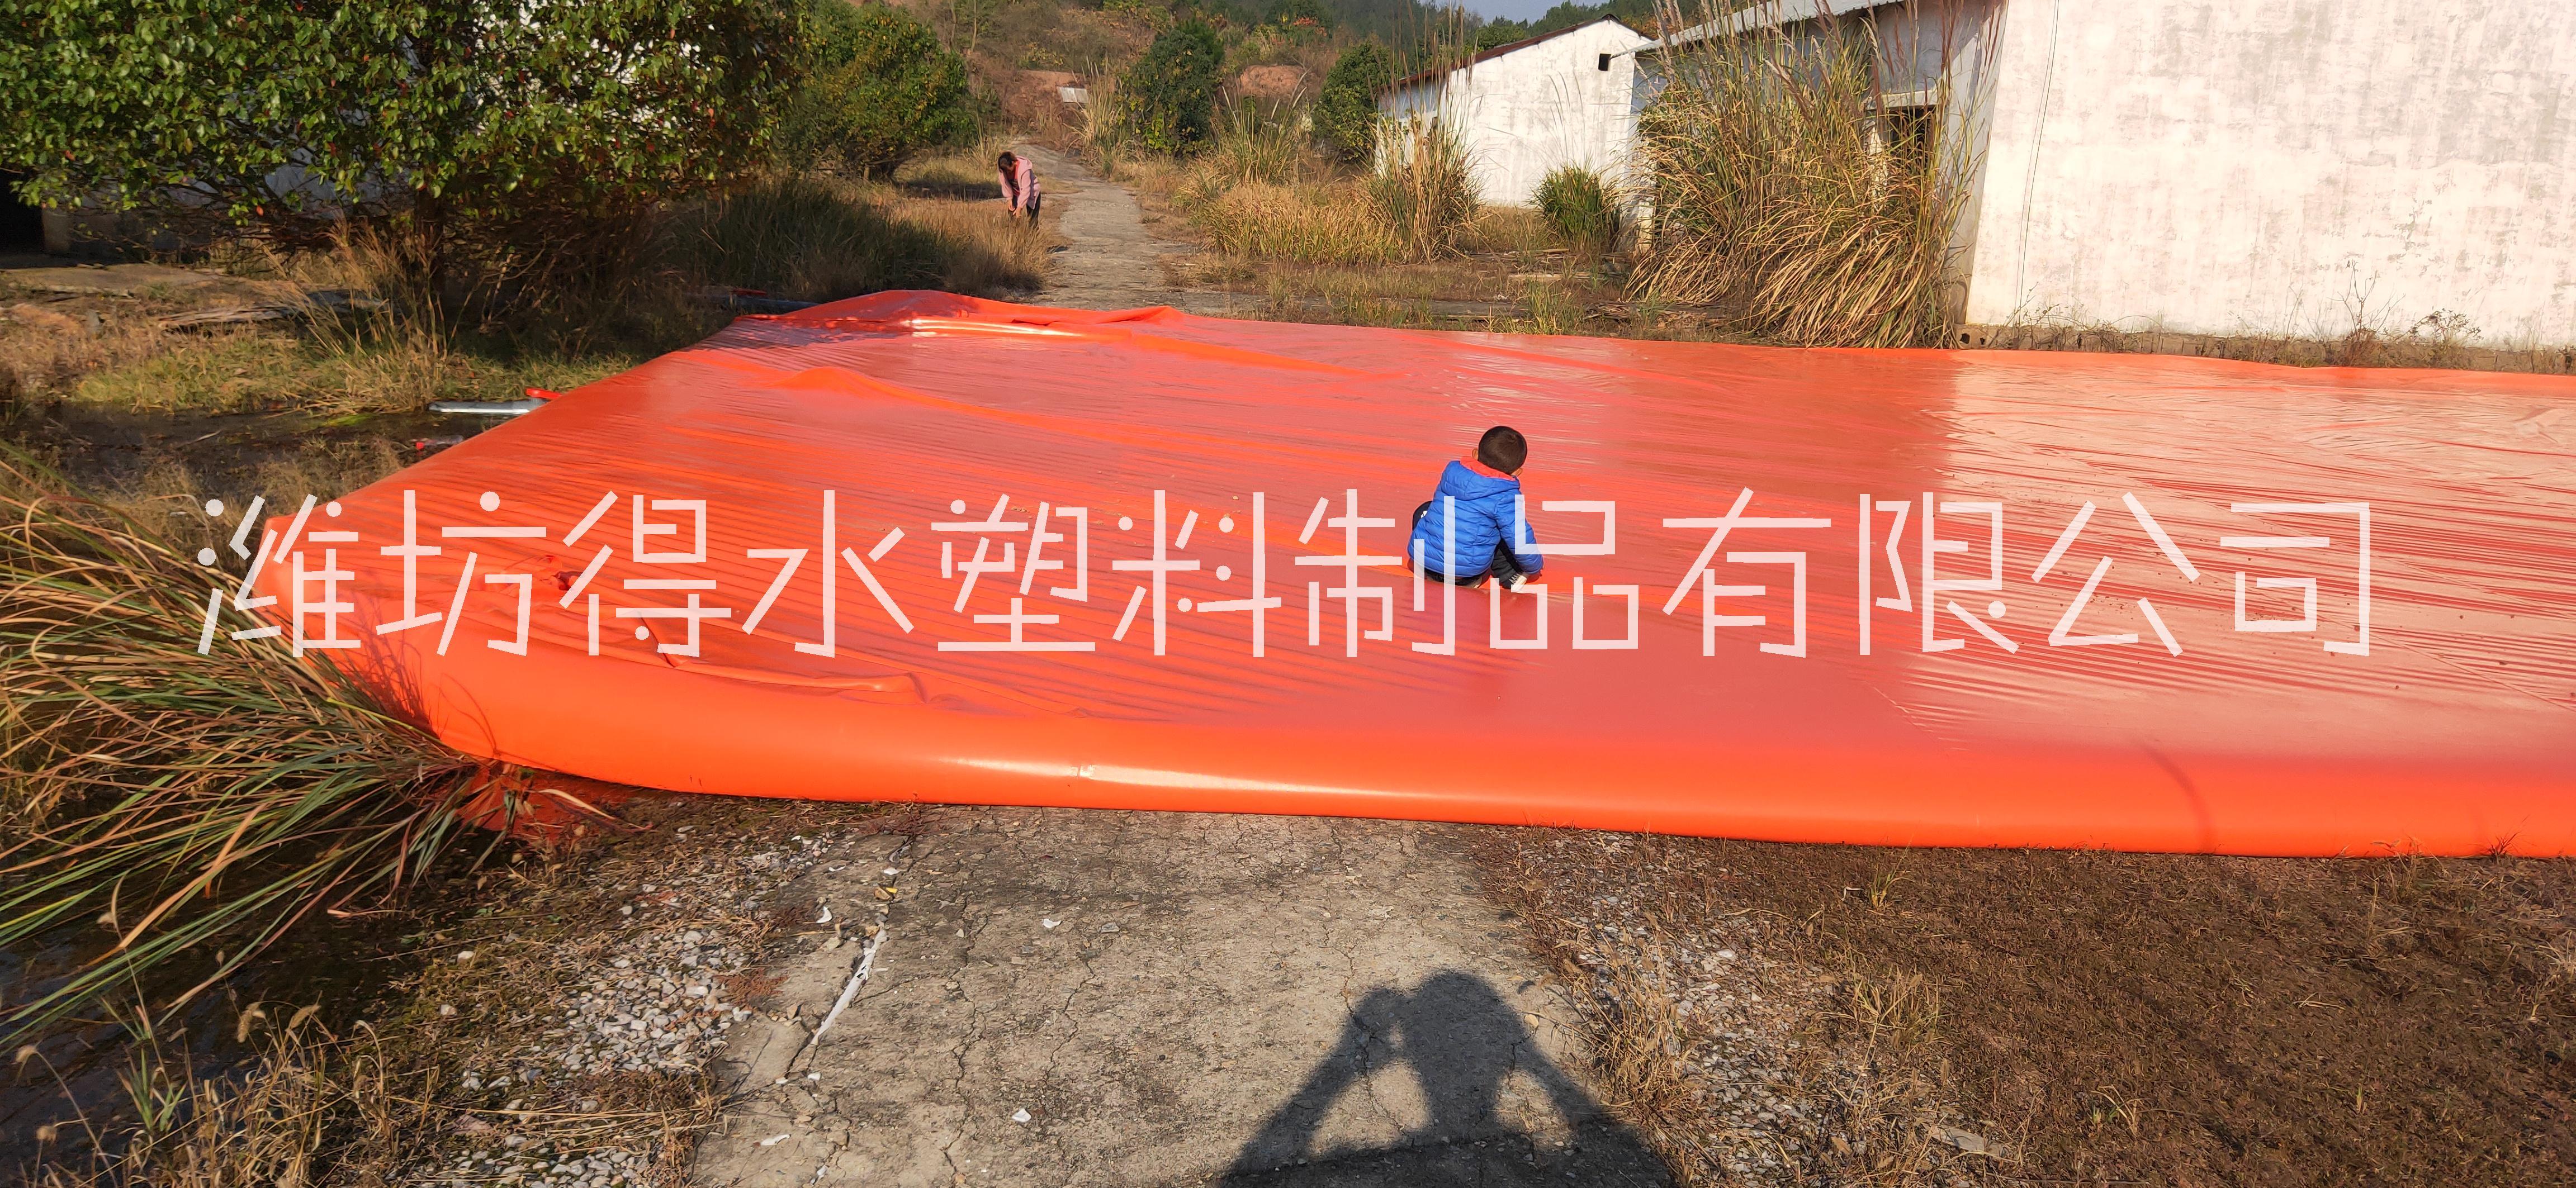 厂家直销大型水囊 厂家直销大型水囊抗旱水囊折叠水囊